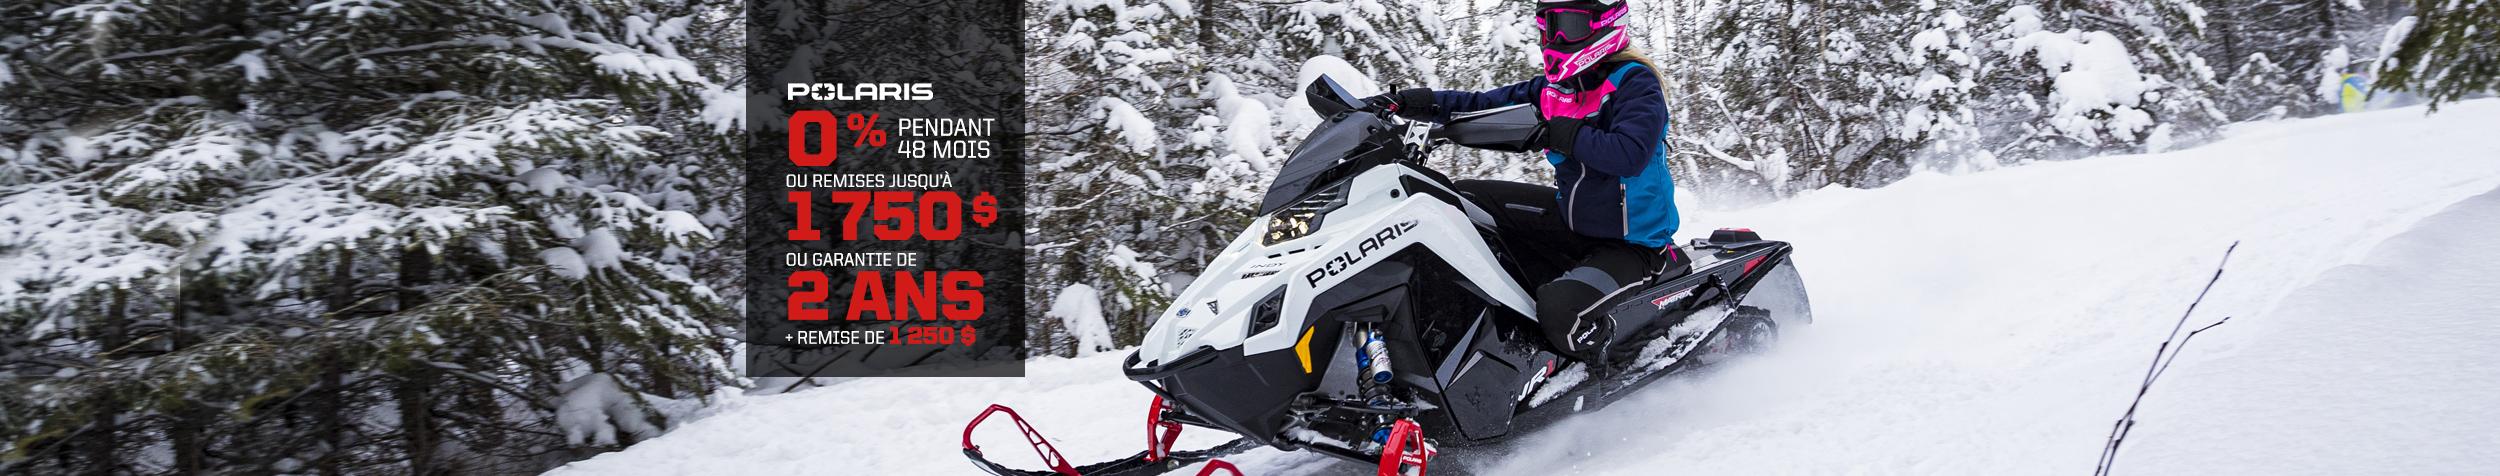 Promotion sur les motoneiges Polaris